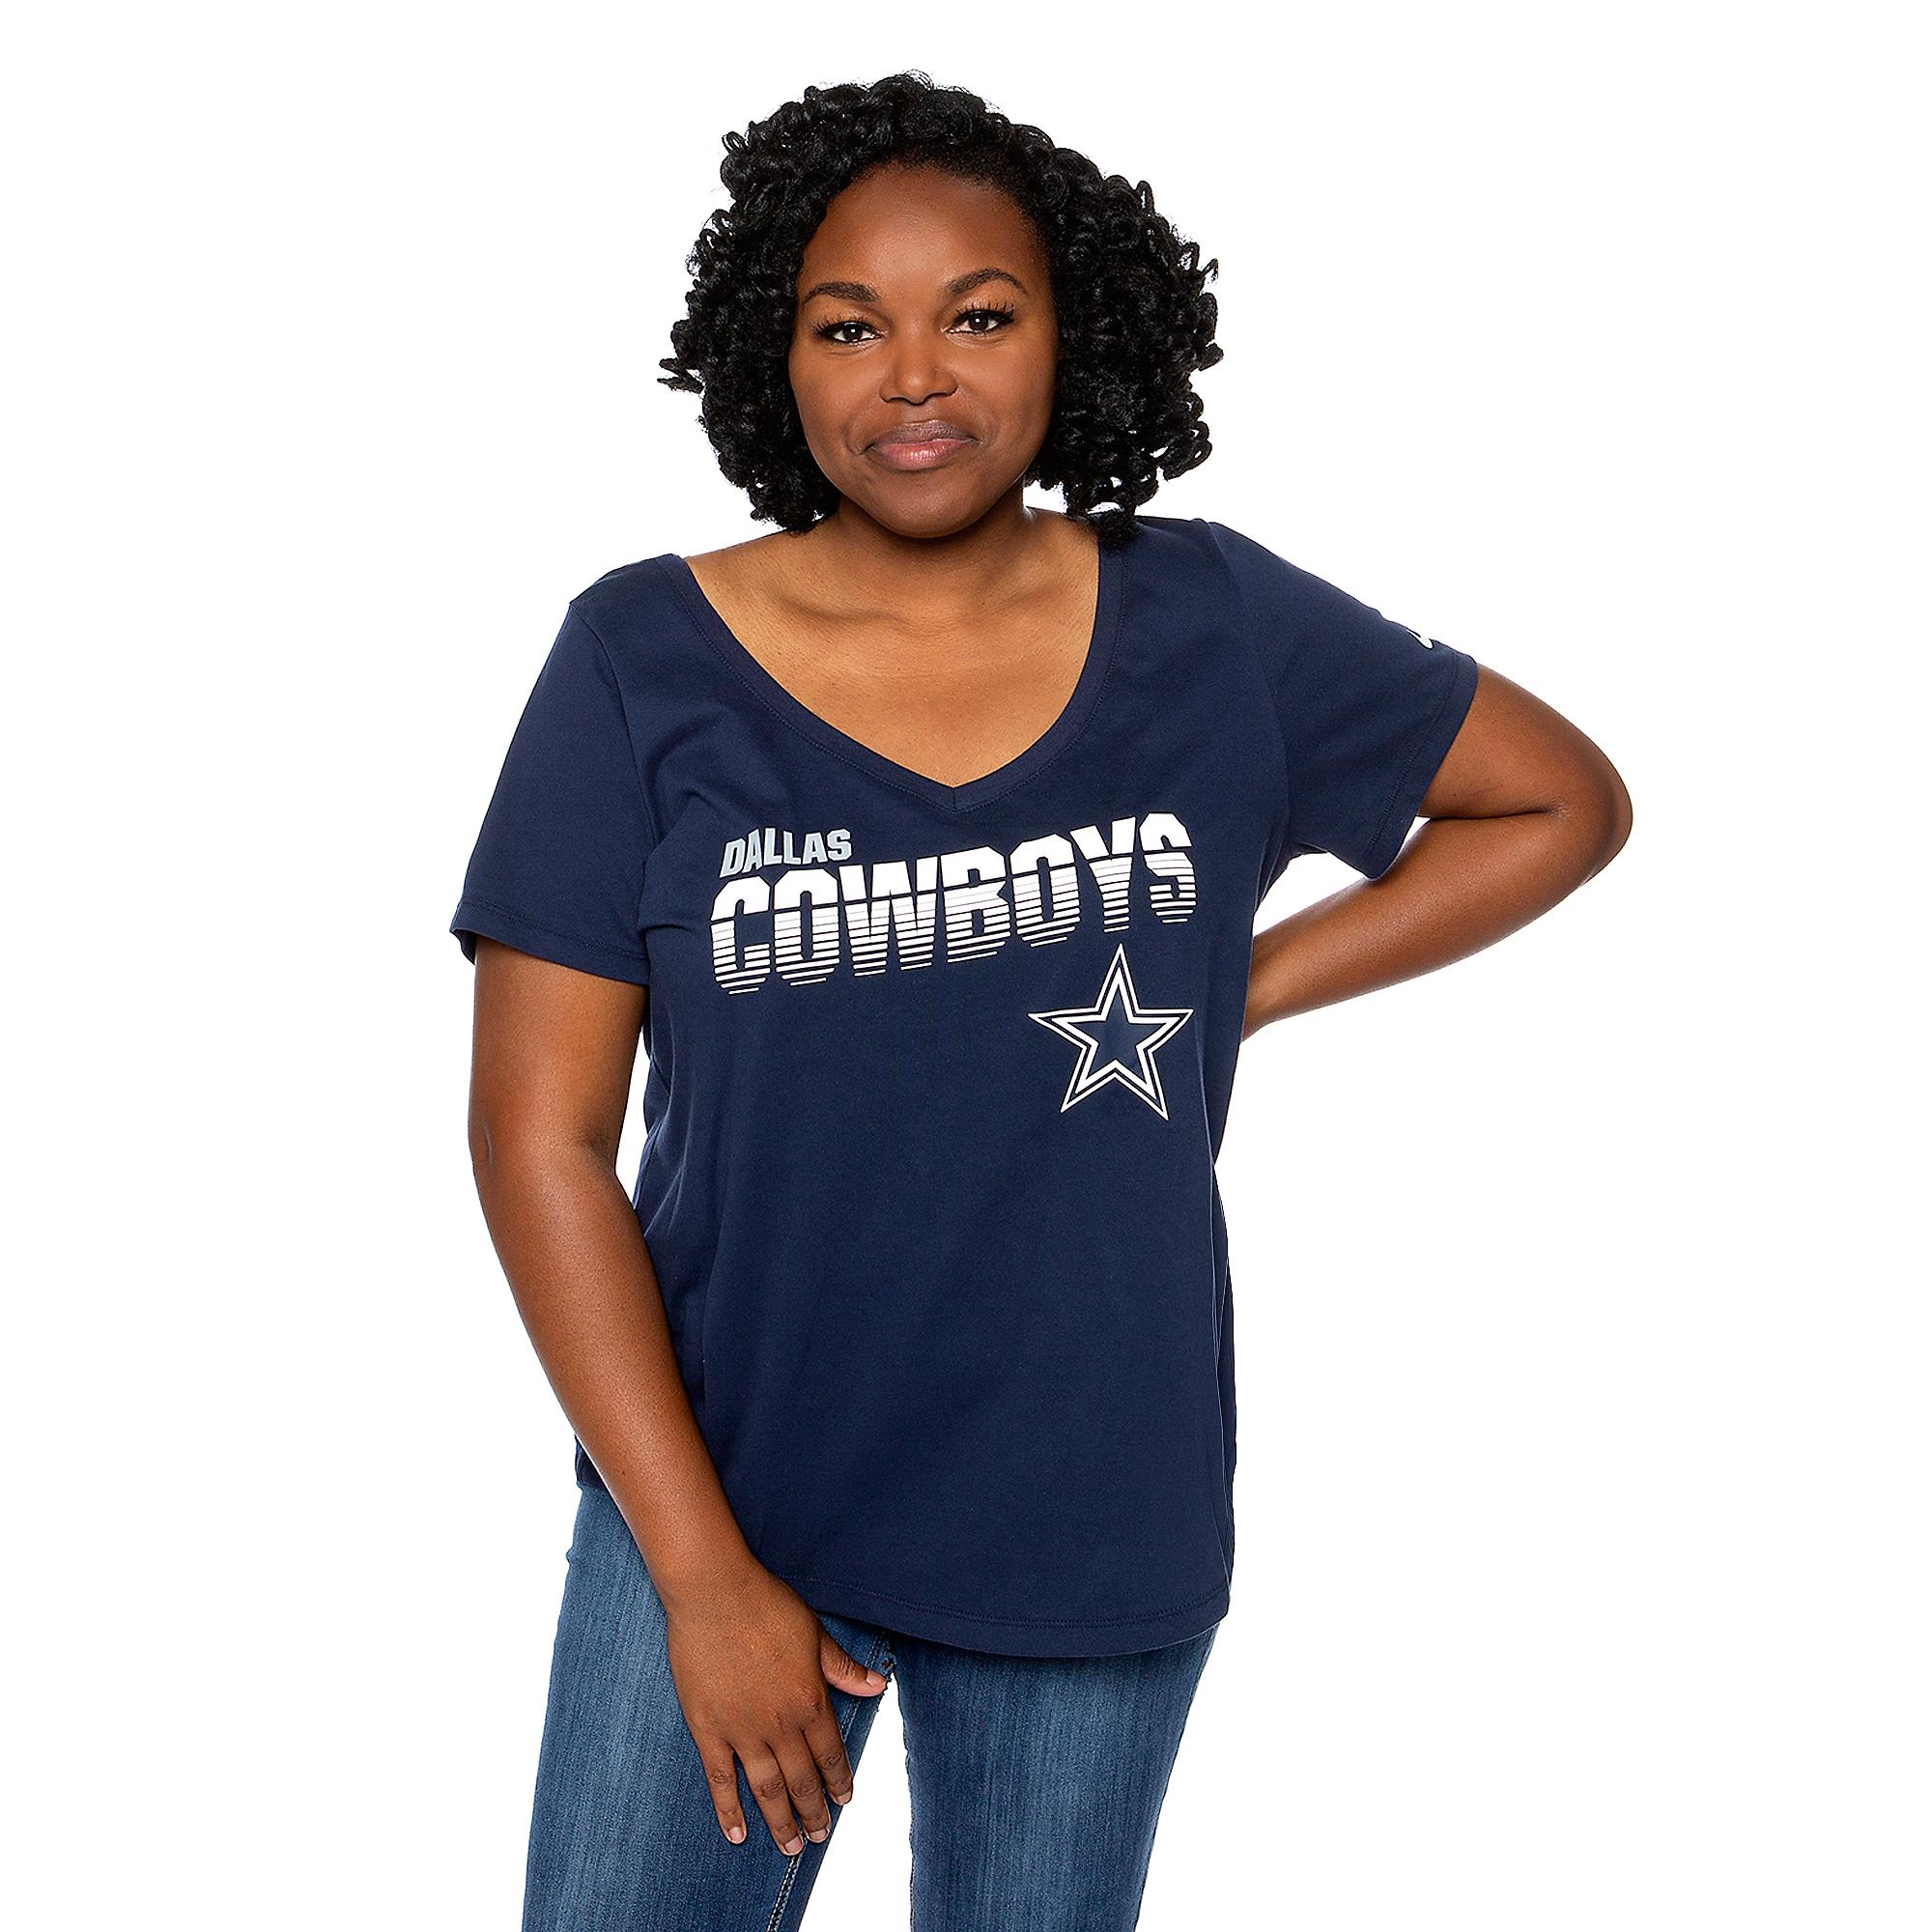 Dallas Cowboys Nike Womens Plus Sideline Short Sleeve T-Shirt